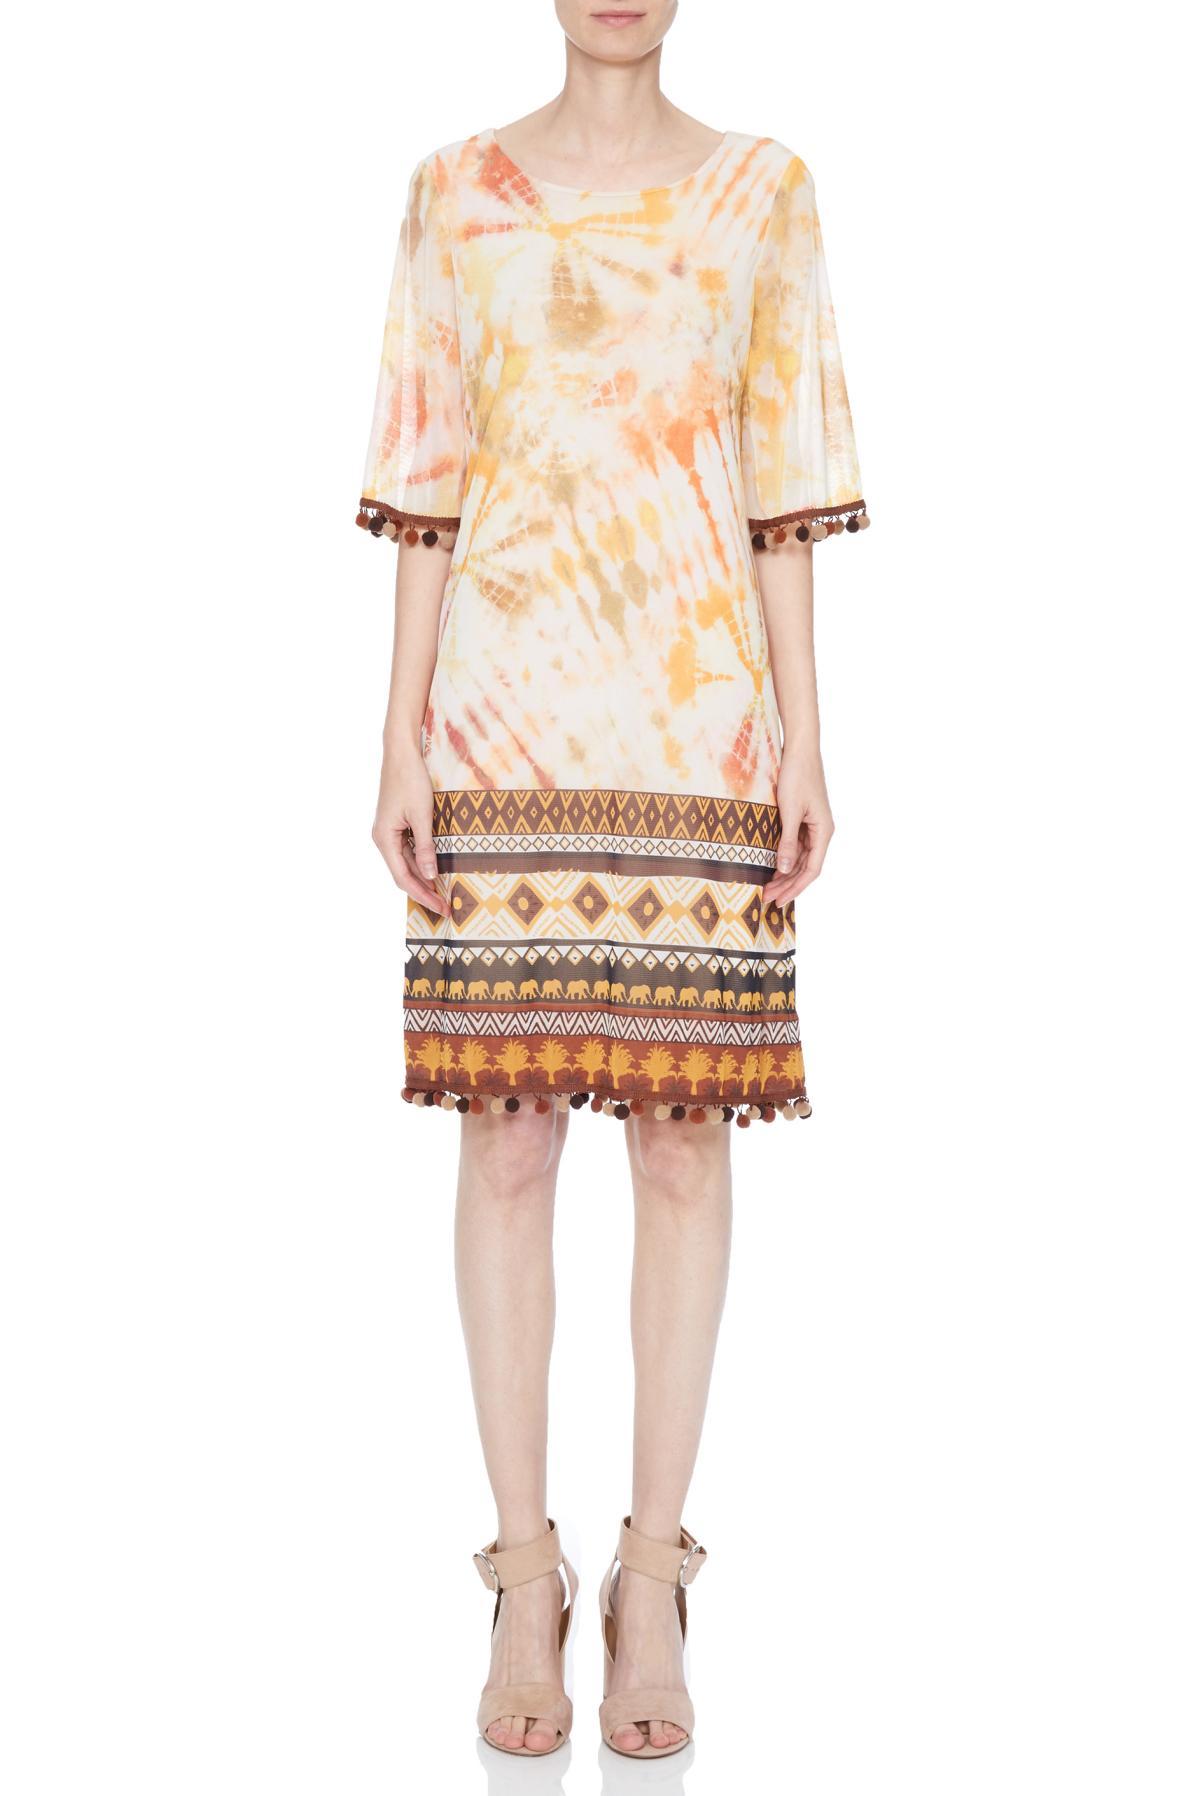 Vorderansicht von Ana Alcazar Limited Edition Kurzarmkleid Nakea  angezogen an Model